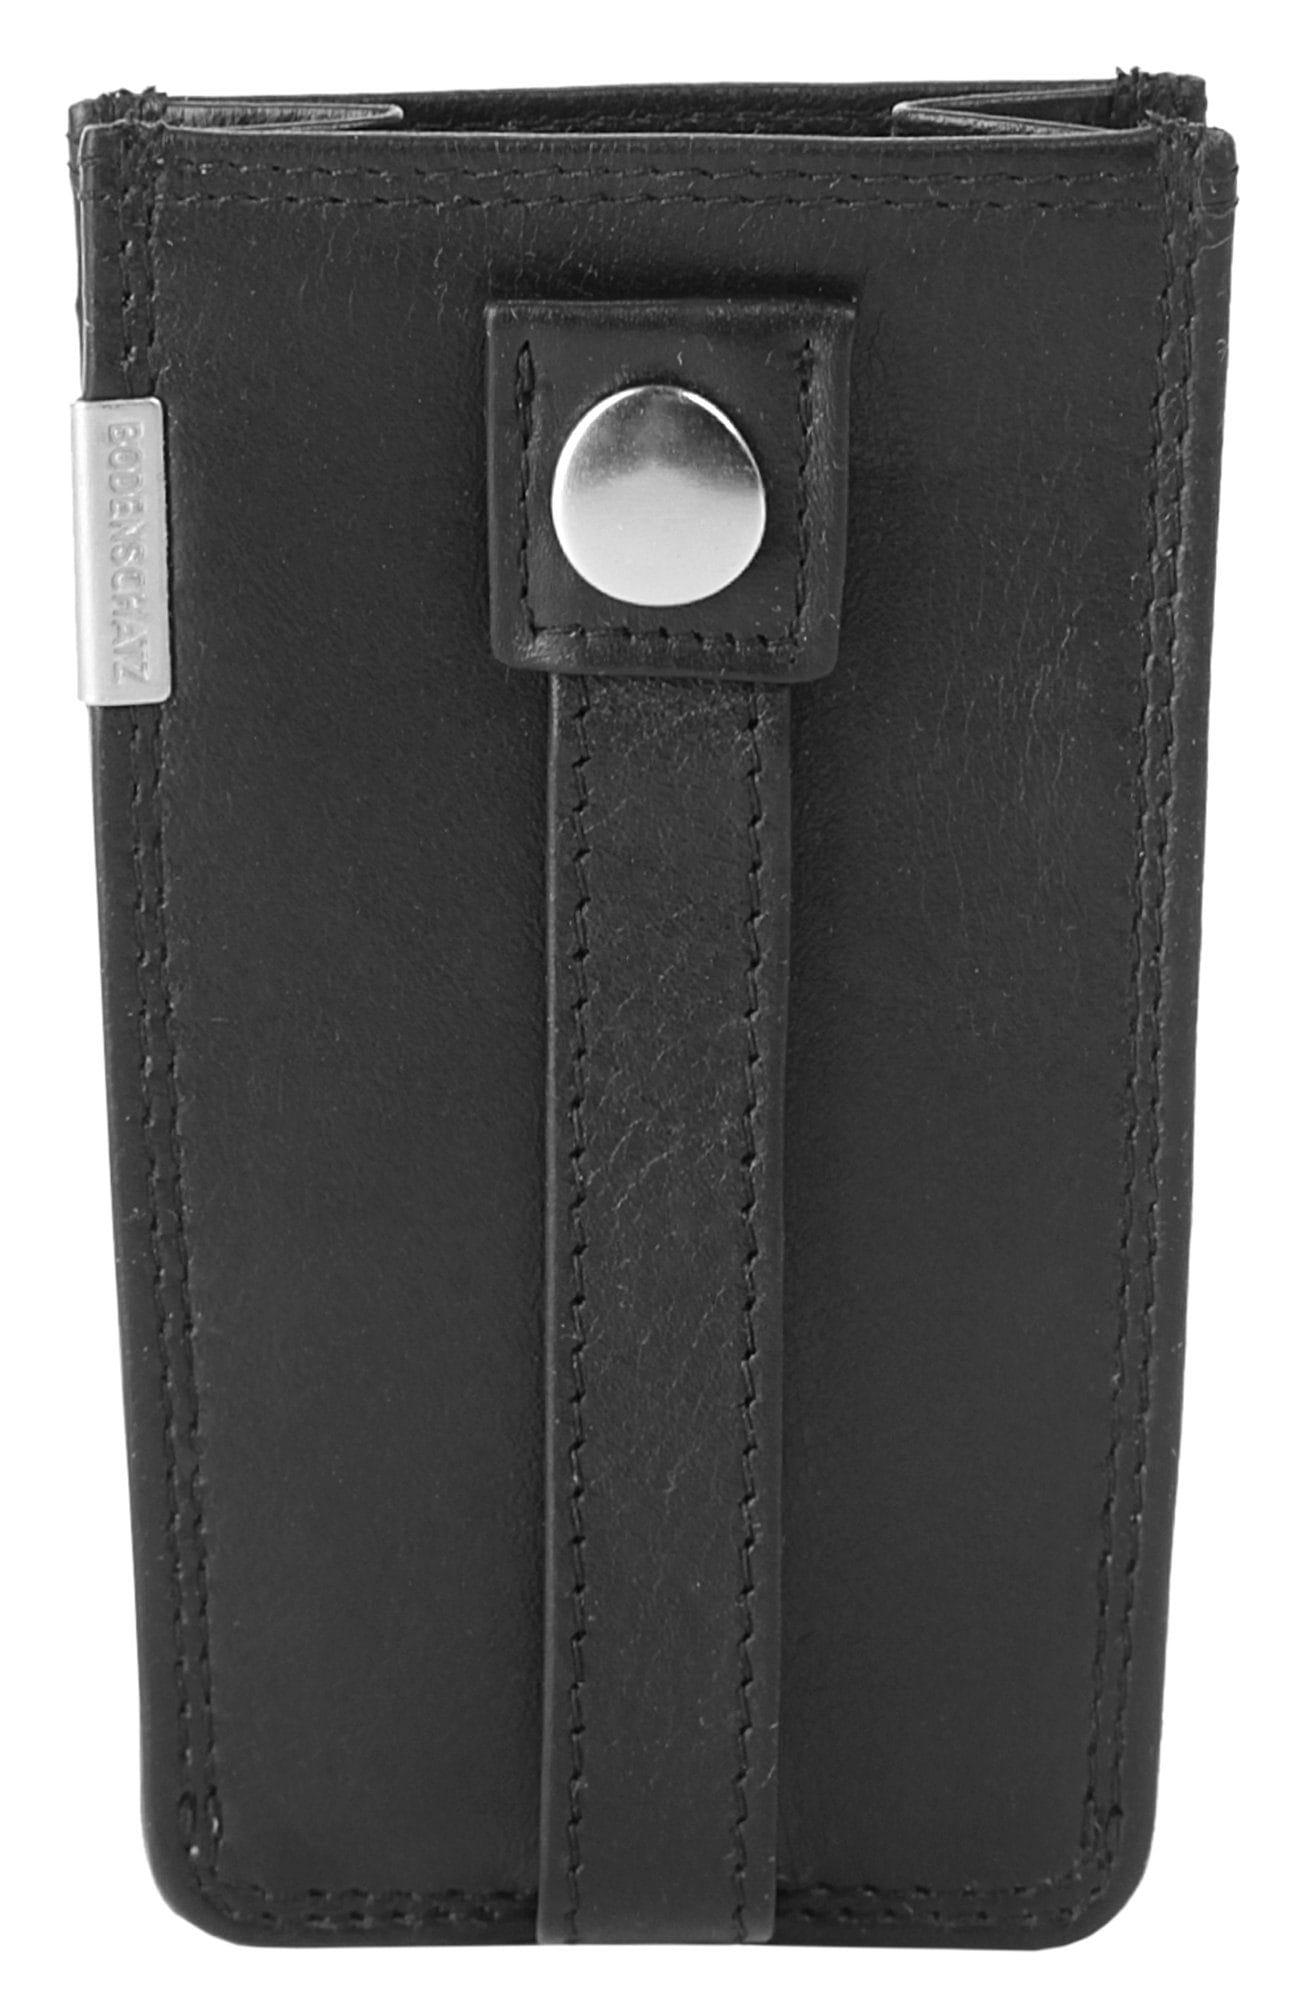 BODENSCHATZ Schlüsseltasche | Accessoires > Portemonnaies > Schlüsseltaschen | Schwarz | Bodenschatz